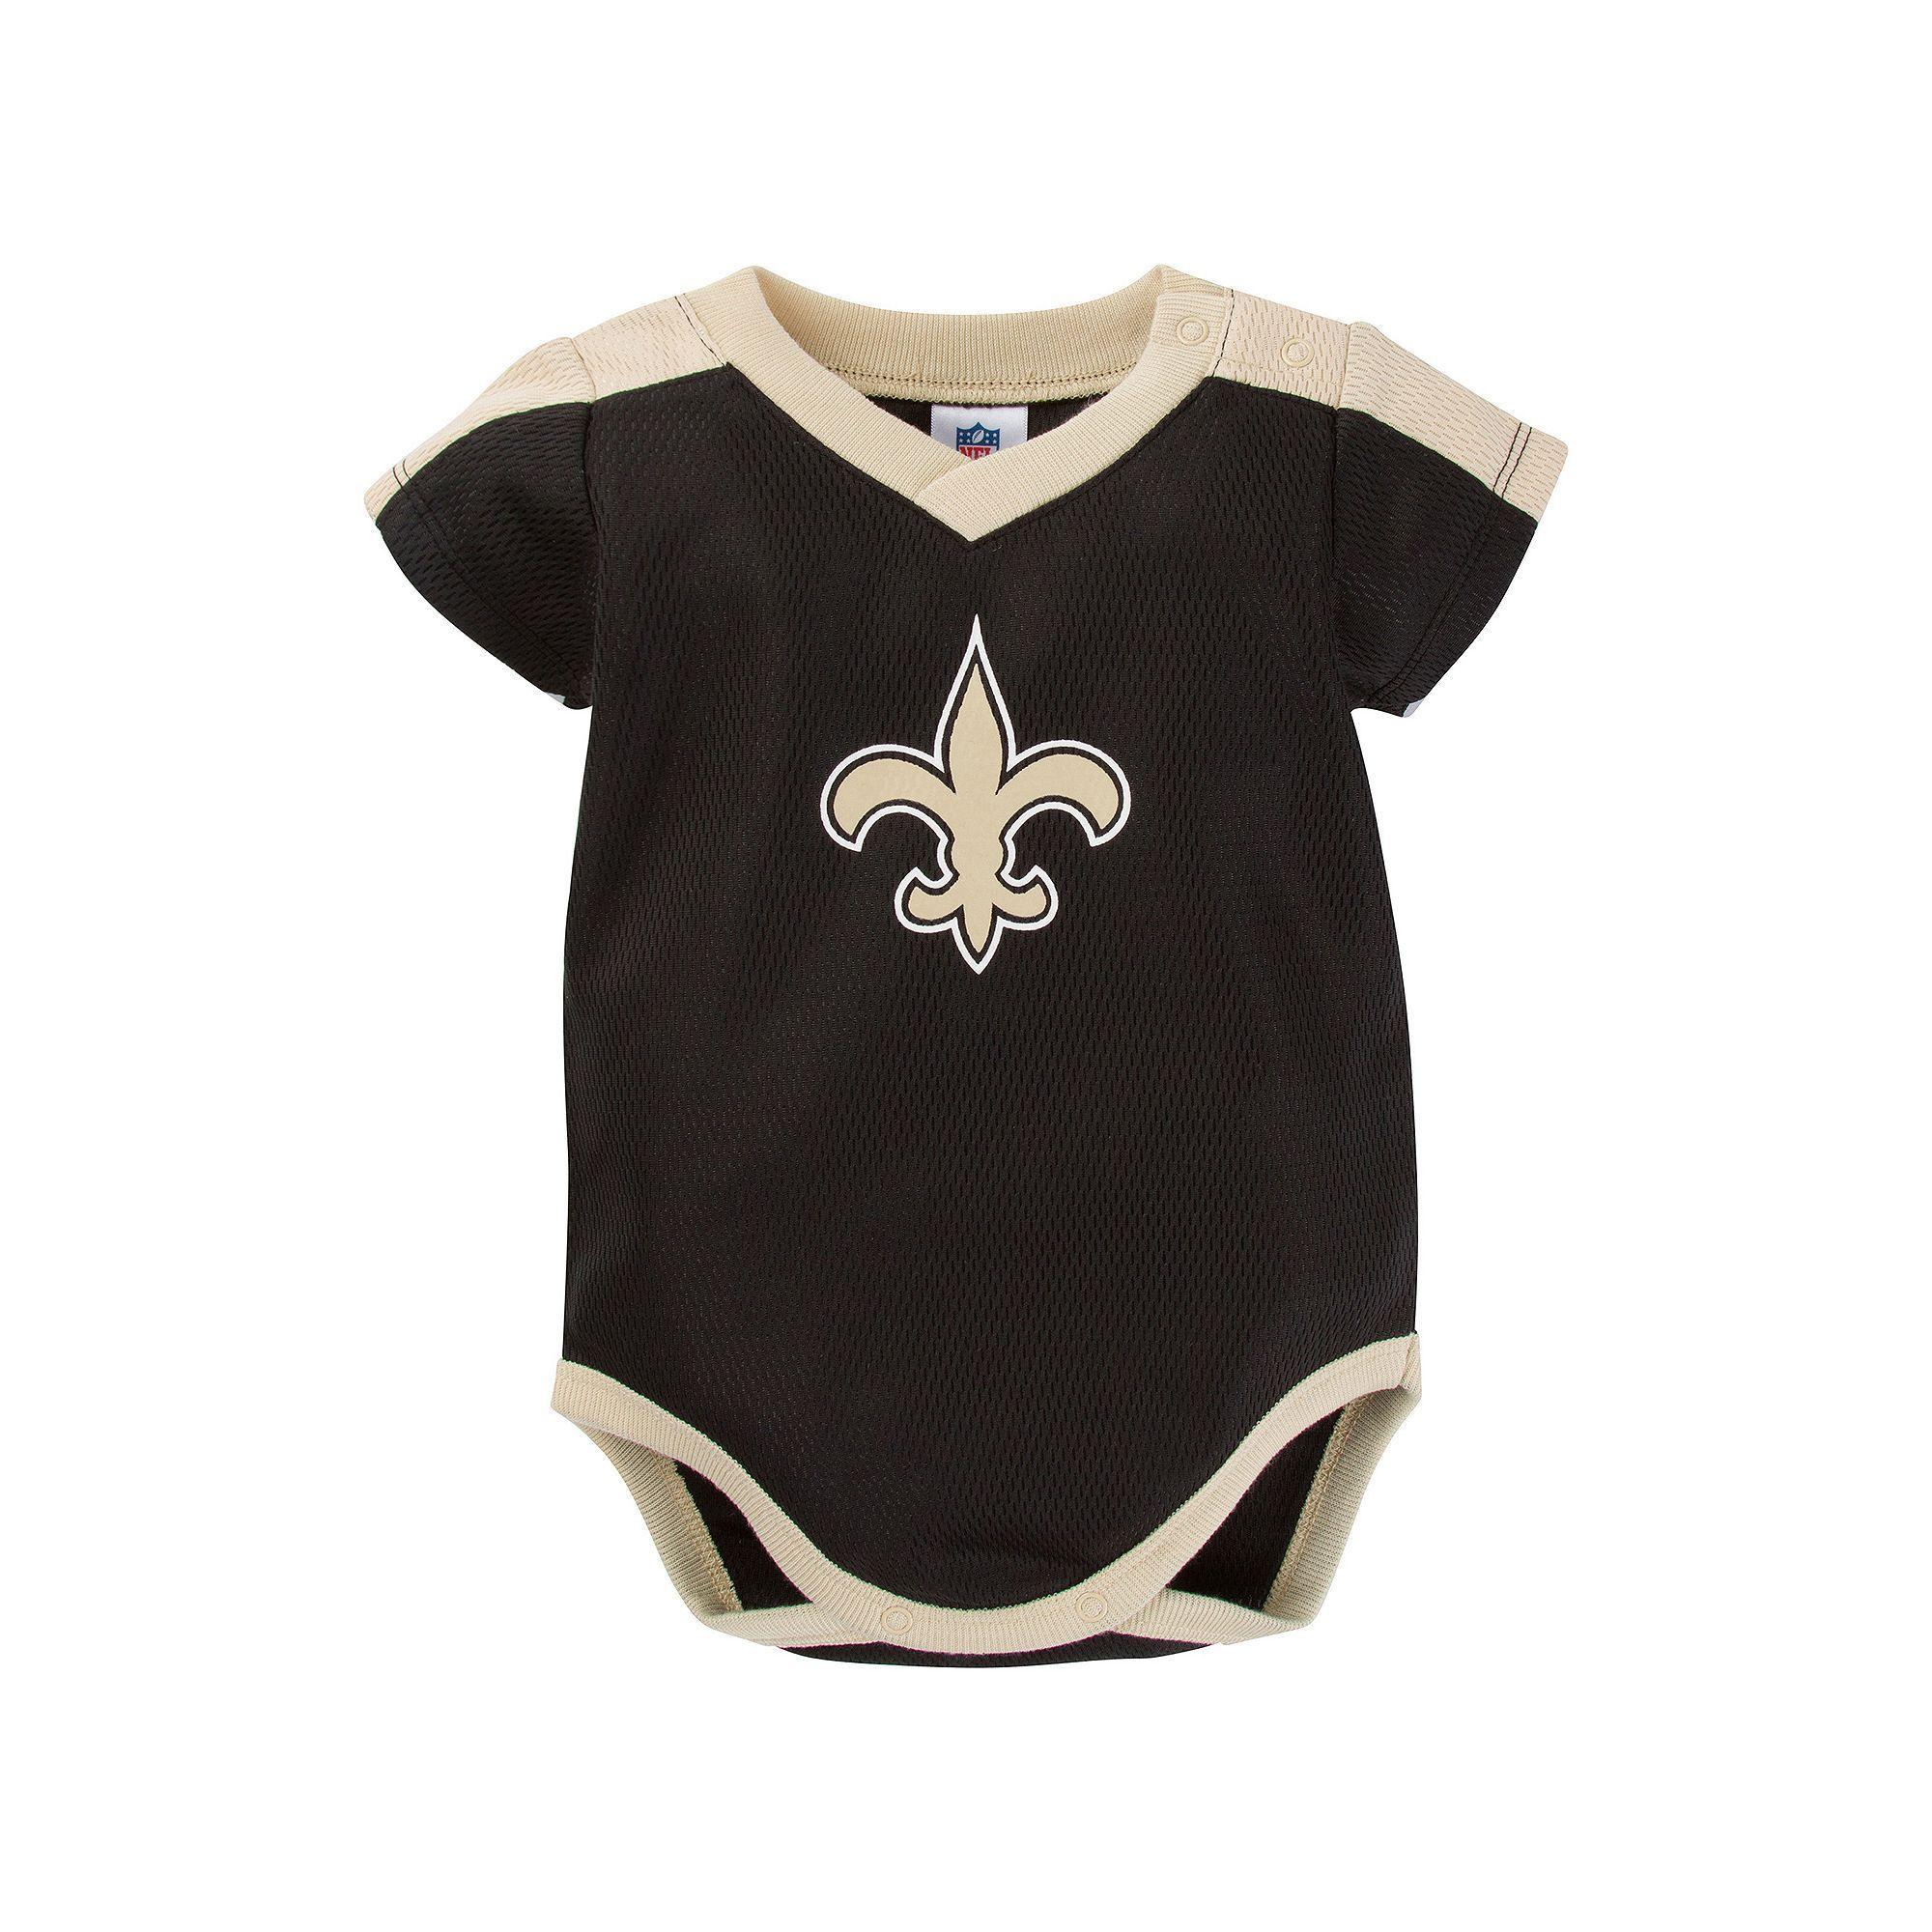 b64c9294efe ... Baby New Orleans Saints Jersey Bodysuit, Infant Boys, Size 18 Months,  ...